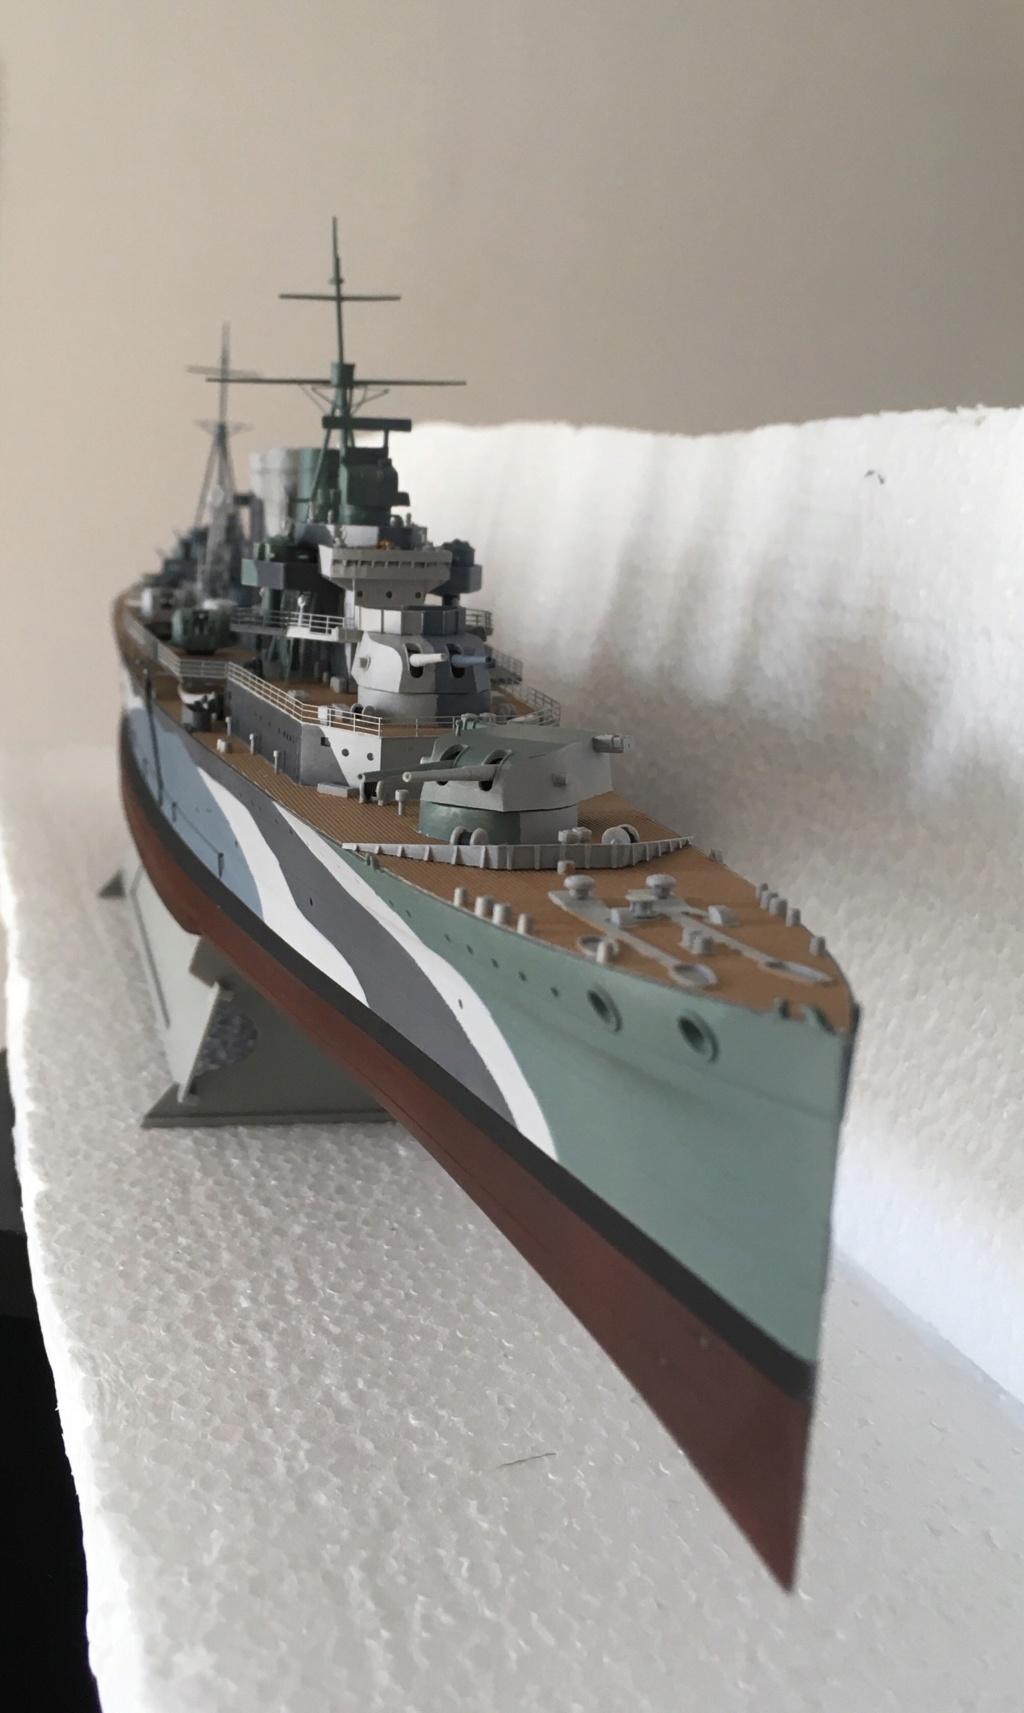 Croiseur lourd HMS Kent - 1/350 - Trumpeter - Eric78 - Page 2 6bb65f10